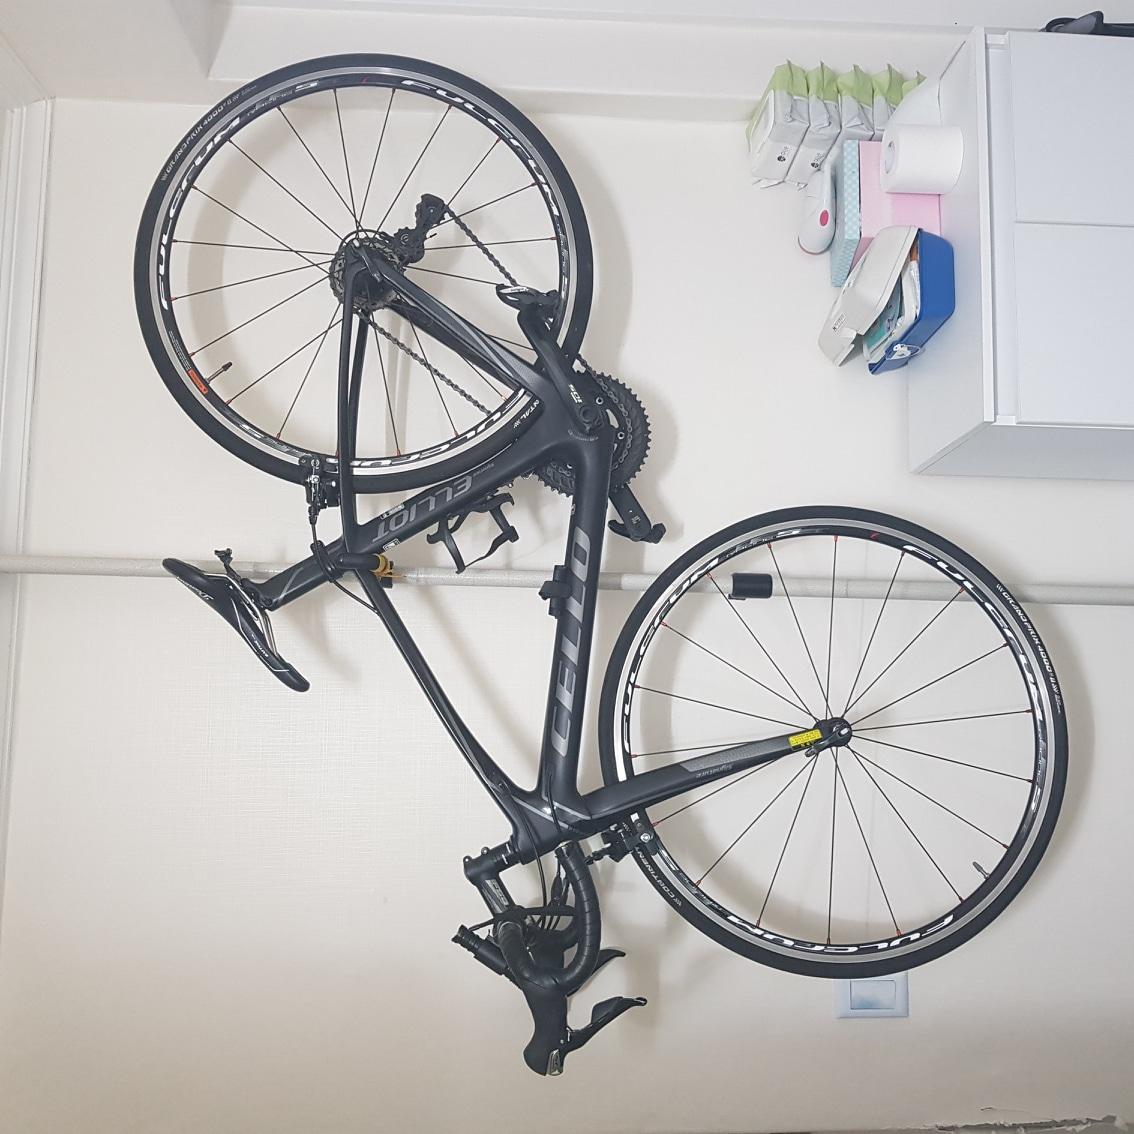 첼로 엘리엇 자전거 팝니다